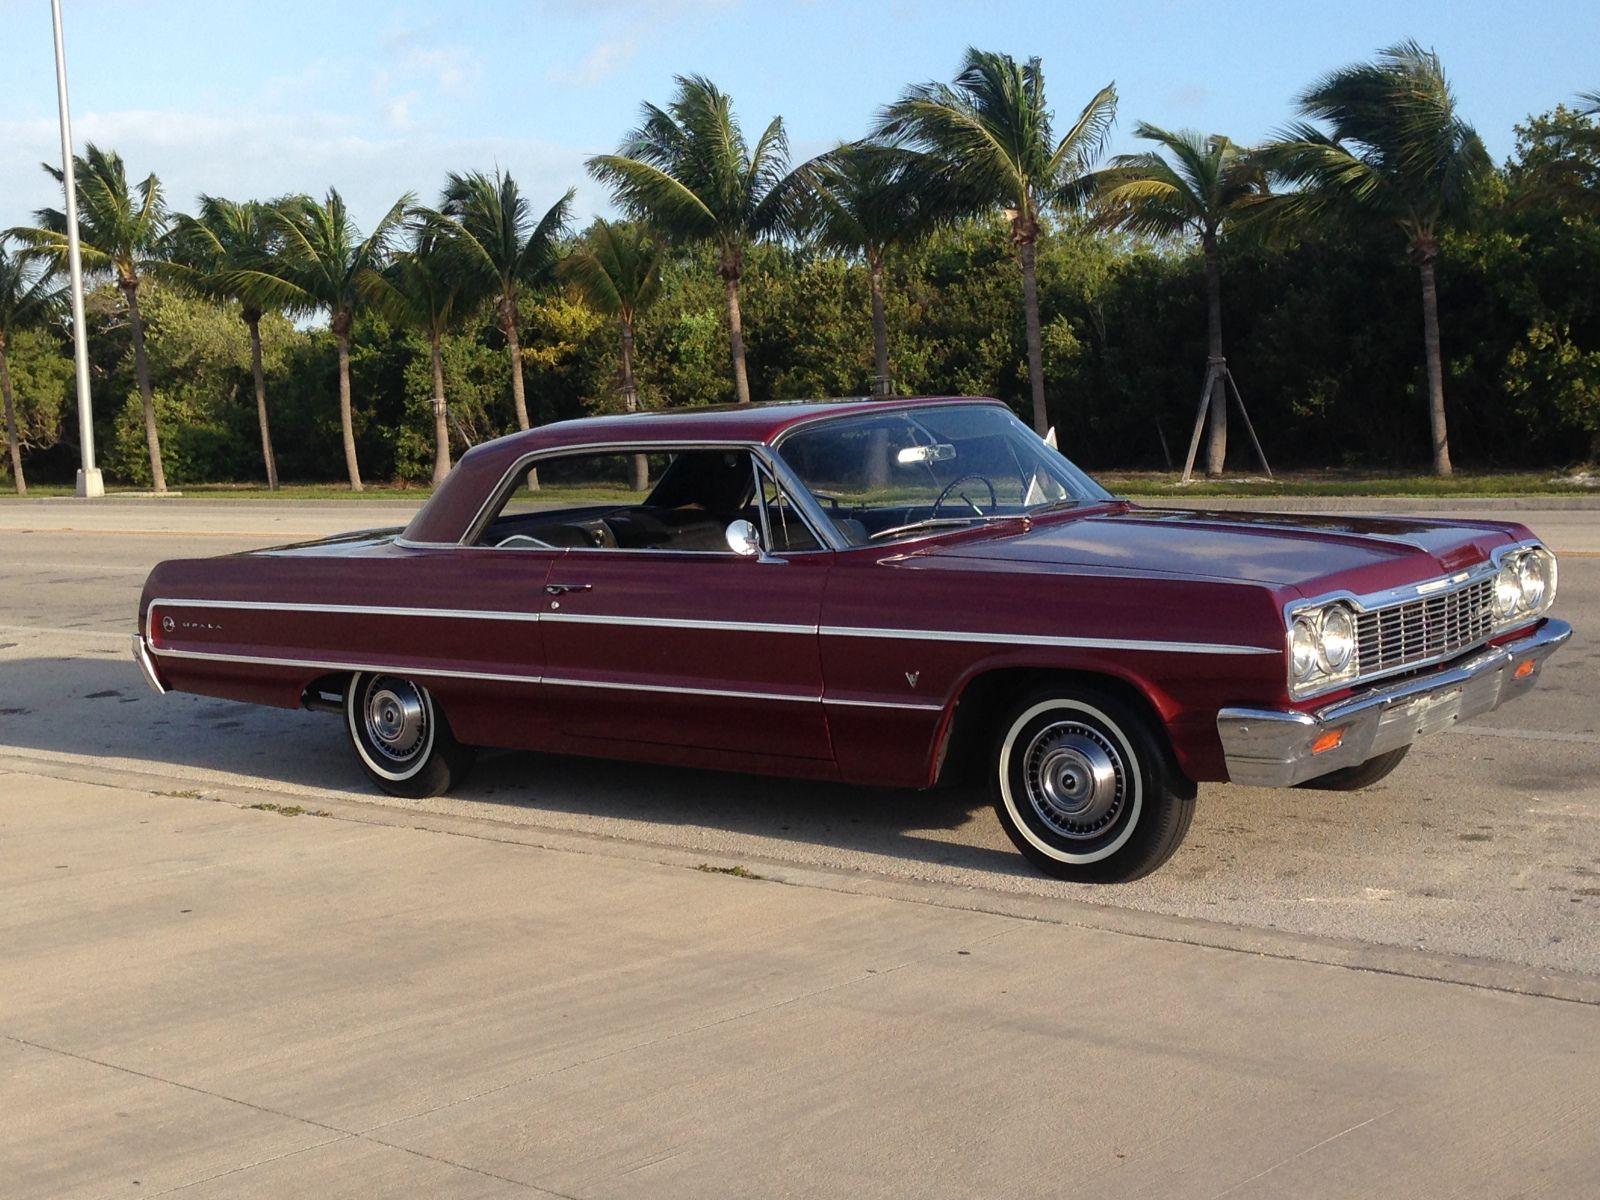 1964 Chevy Impala All original with under 41,000 original